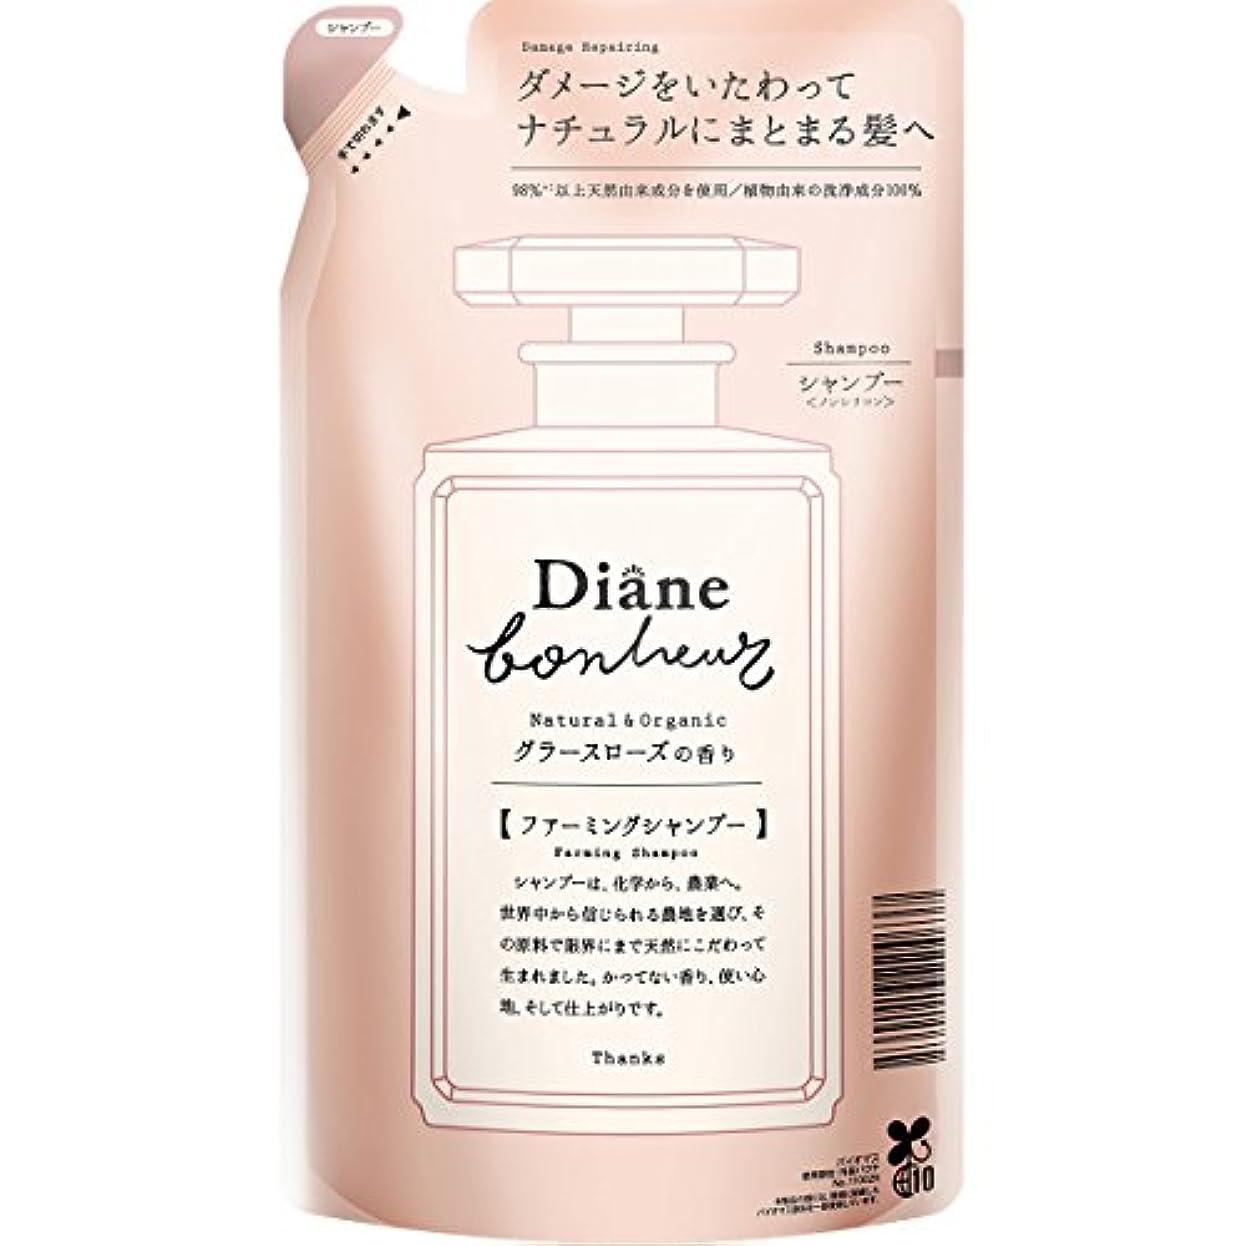 スリラーピアロデオダイアン ボヌール グラースローズの香り ダメージリペア シャンプー 詰め替え 400ml